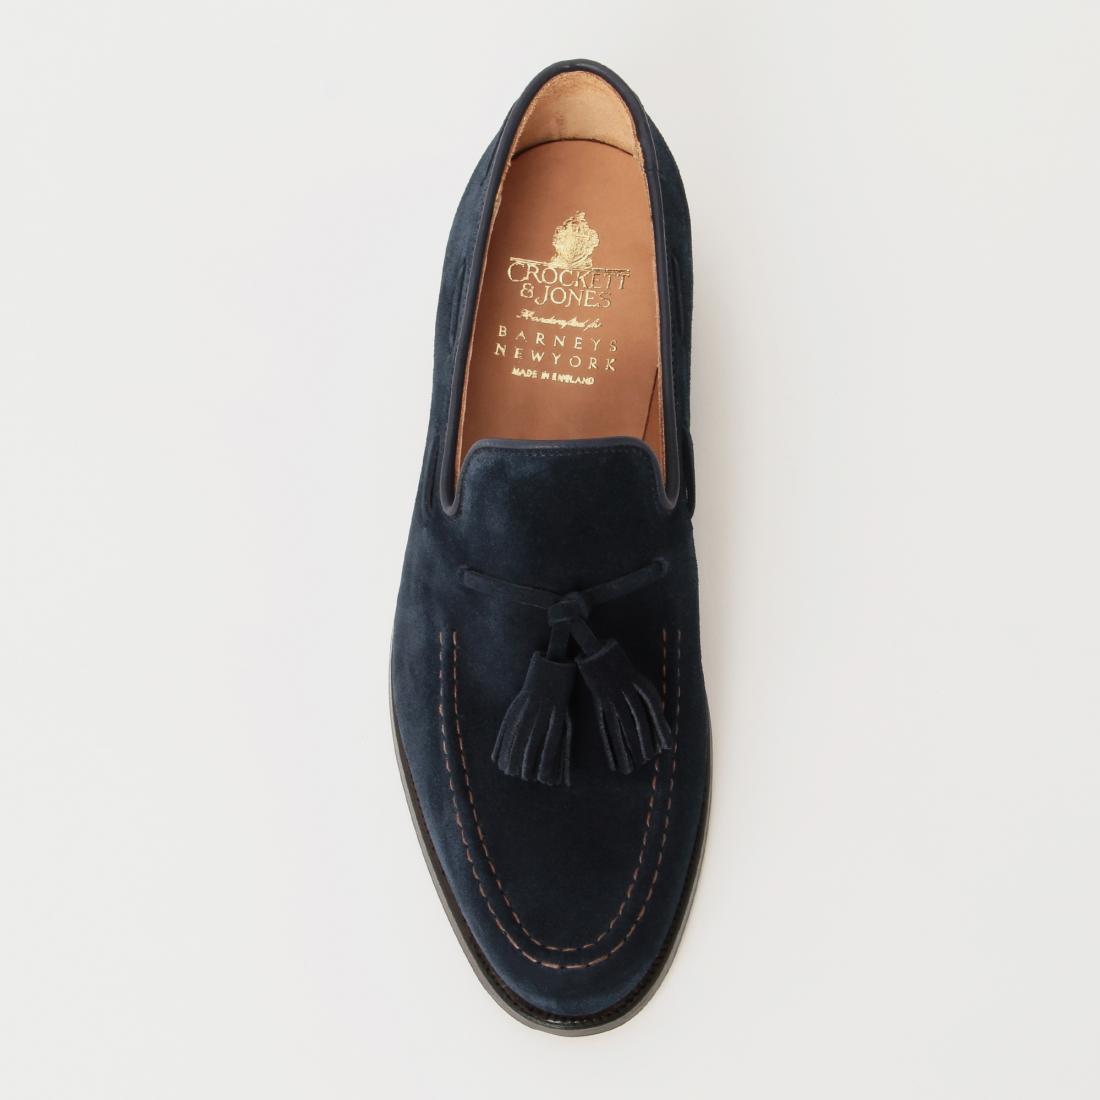 Tassel Loafer 1206736: Navy Suede